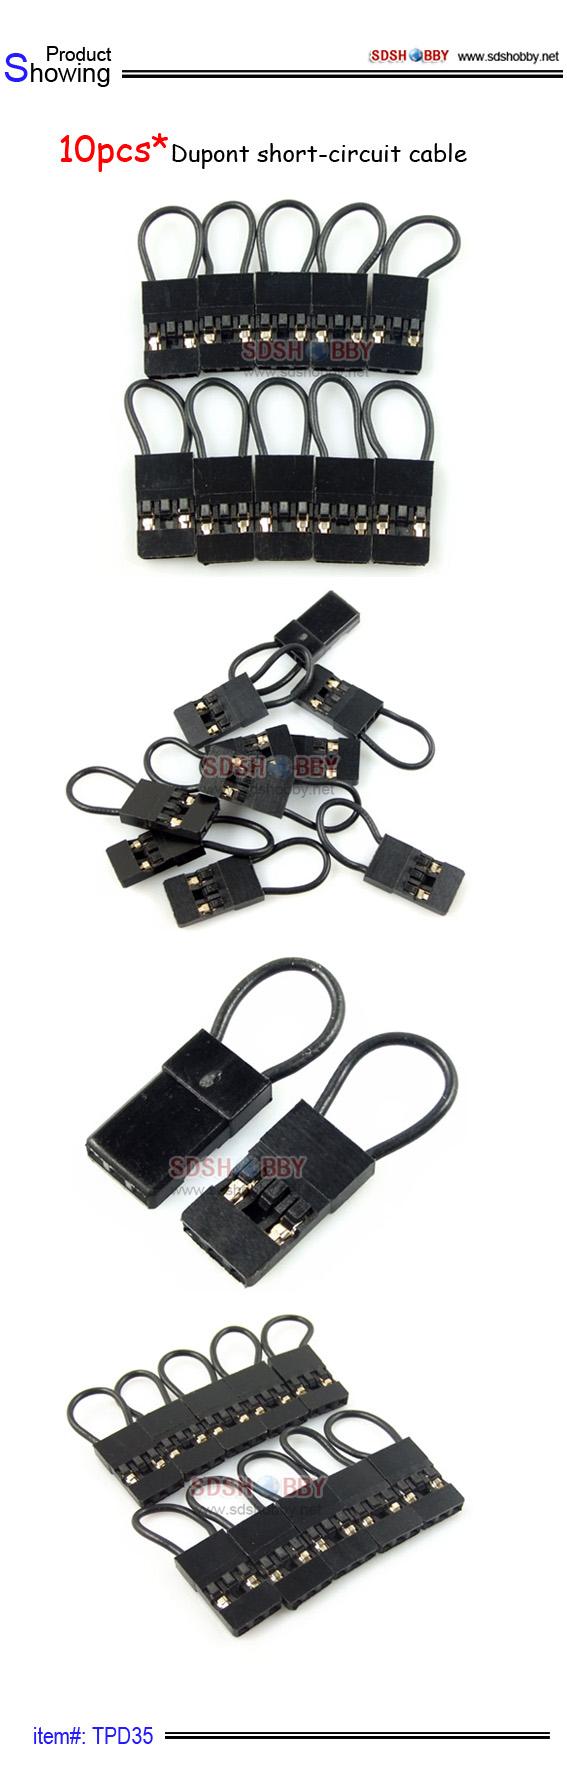 10pcs dupont short circuit cable battery plug connecters cable rh pinterest com